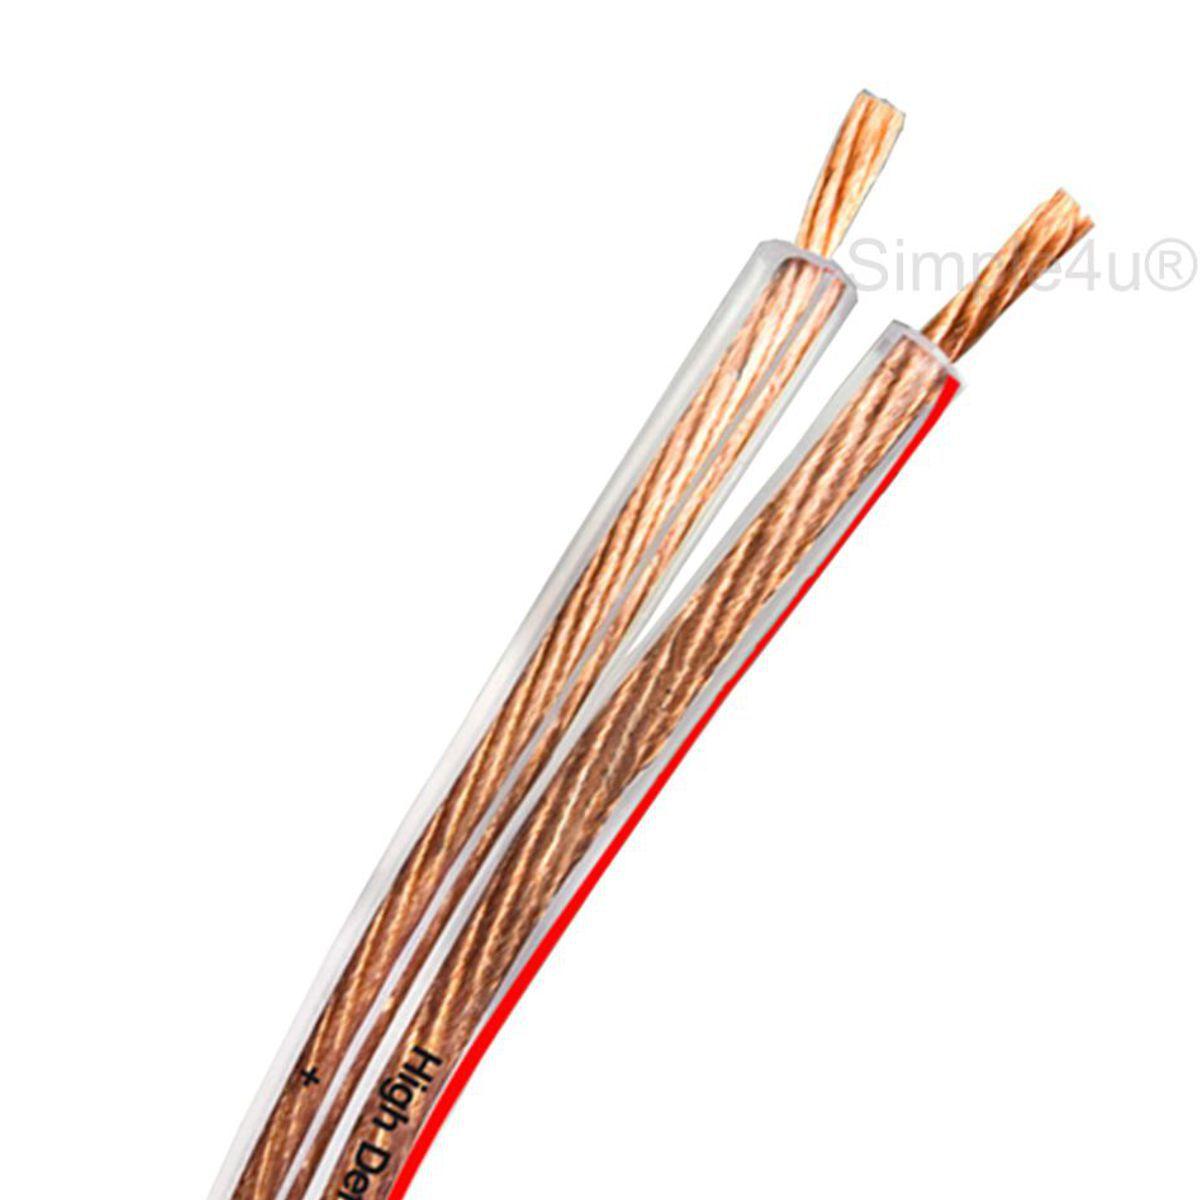 Cabo Polarizado P/ Caixa Acústica de Som 2x1,50mm2 HP-SP 150 DMD Diamond Cable (50 MT)